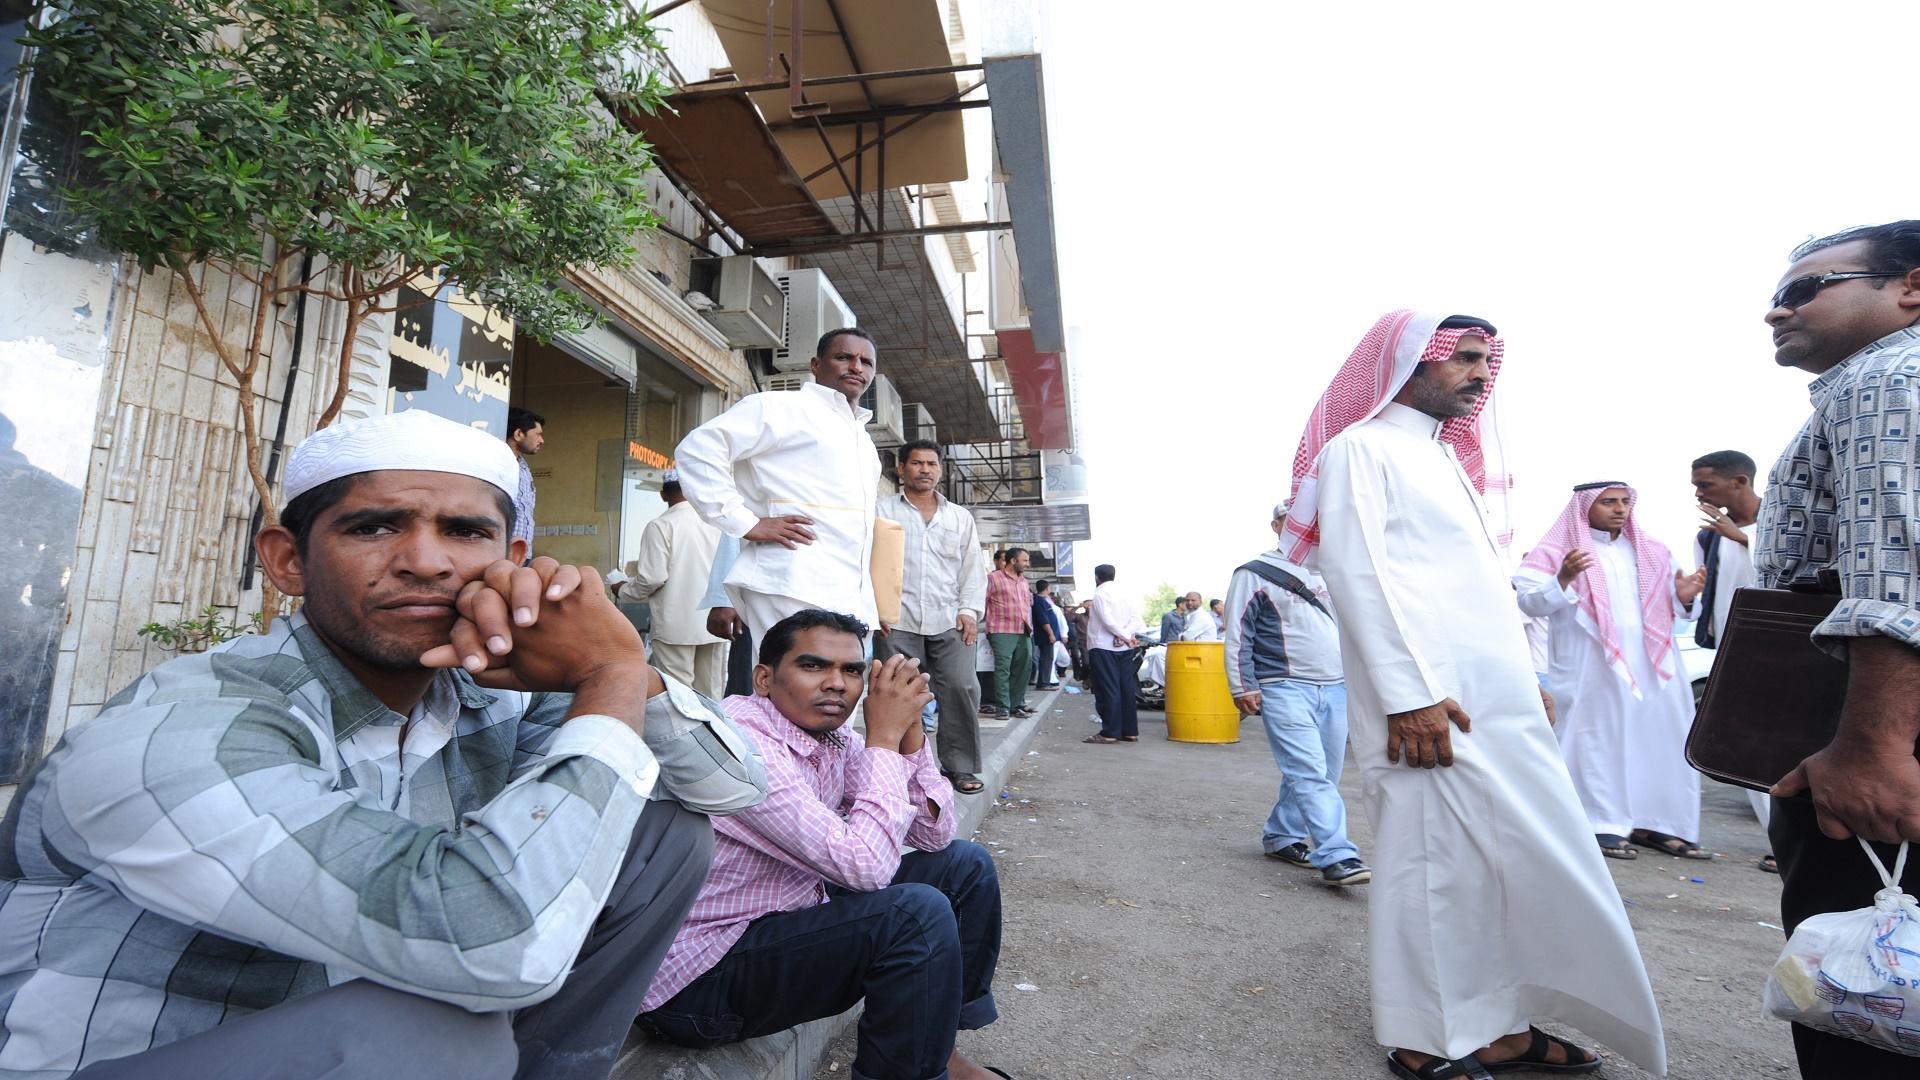 بدل الغلاء يتجاهل الوافدين بالسعودية... وتوقعات باحتجاجات تعطل الشركات